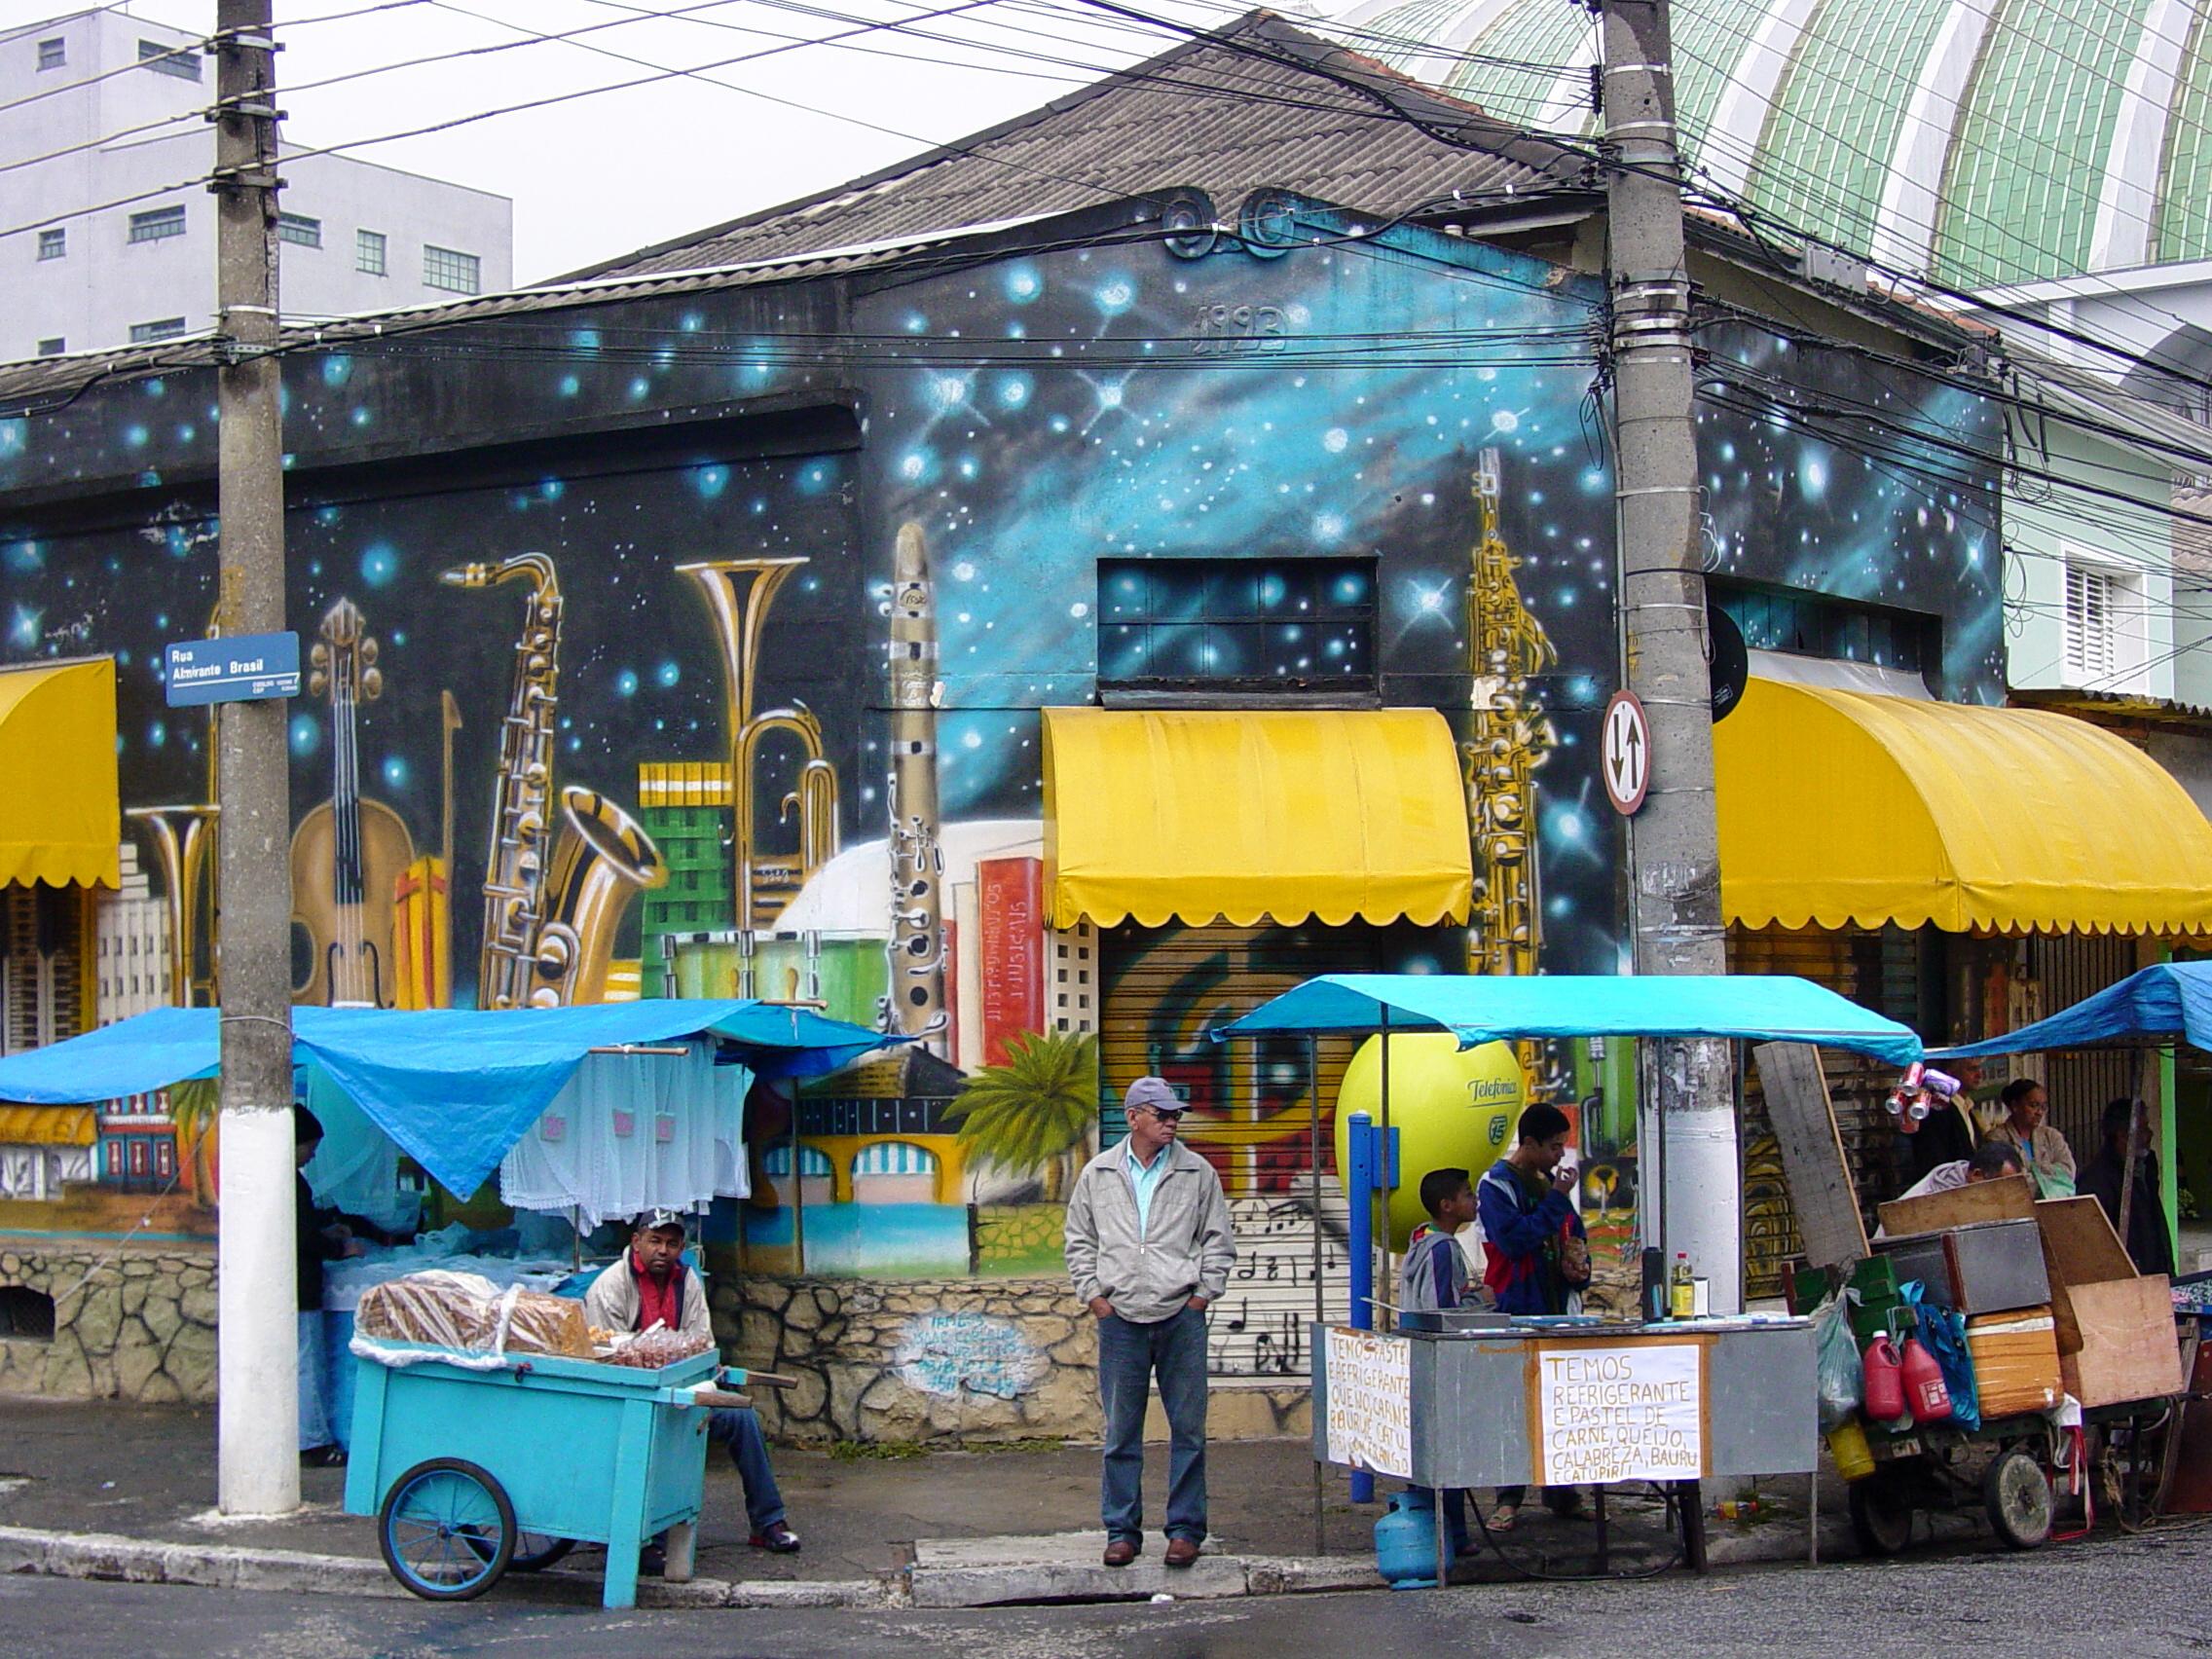 Street Scene in Sao Paulo - Brazil 01